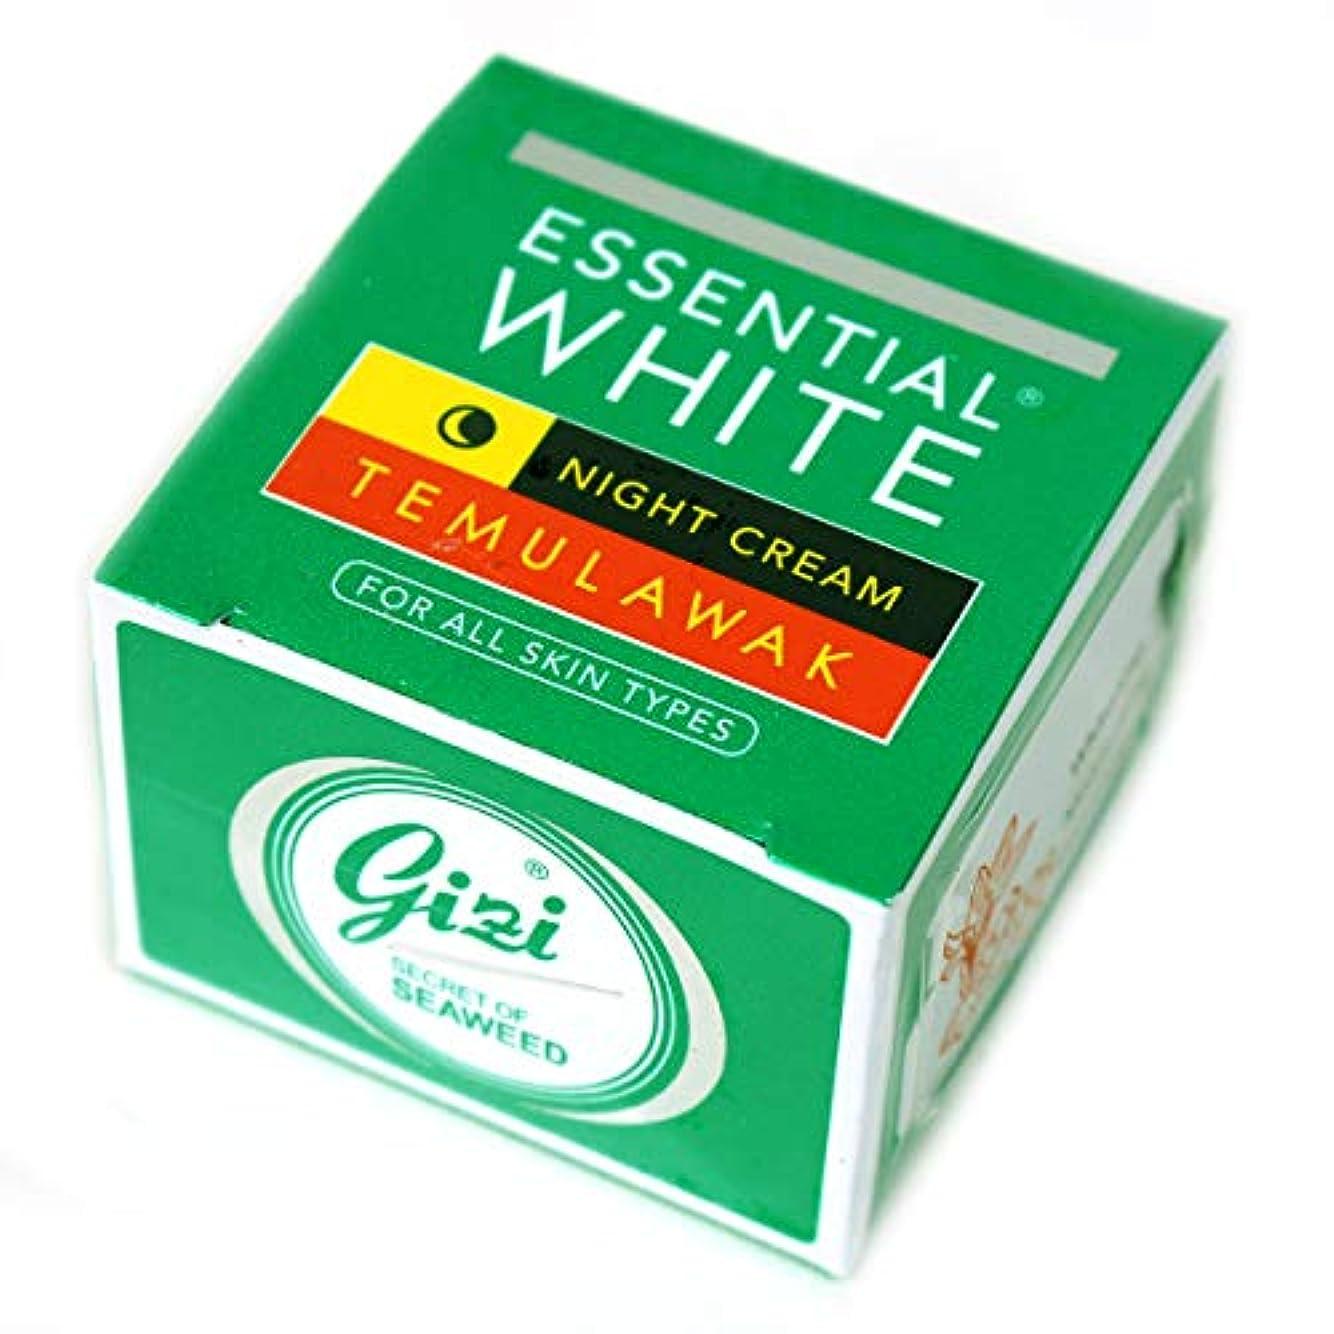 助けてブラケットレスリングギジ gizi Essential White ナイト用スキンケアクリーム ボトルタイプ 9g テムラワク ウコン など天然成分配合 [海外直送品]